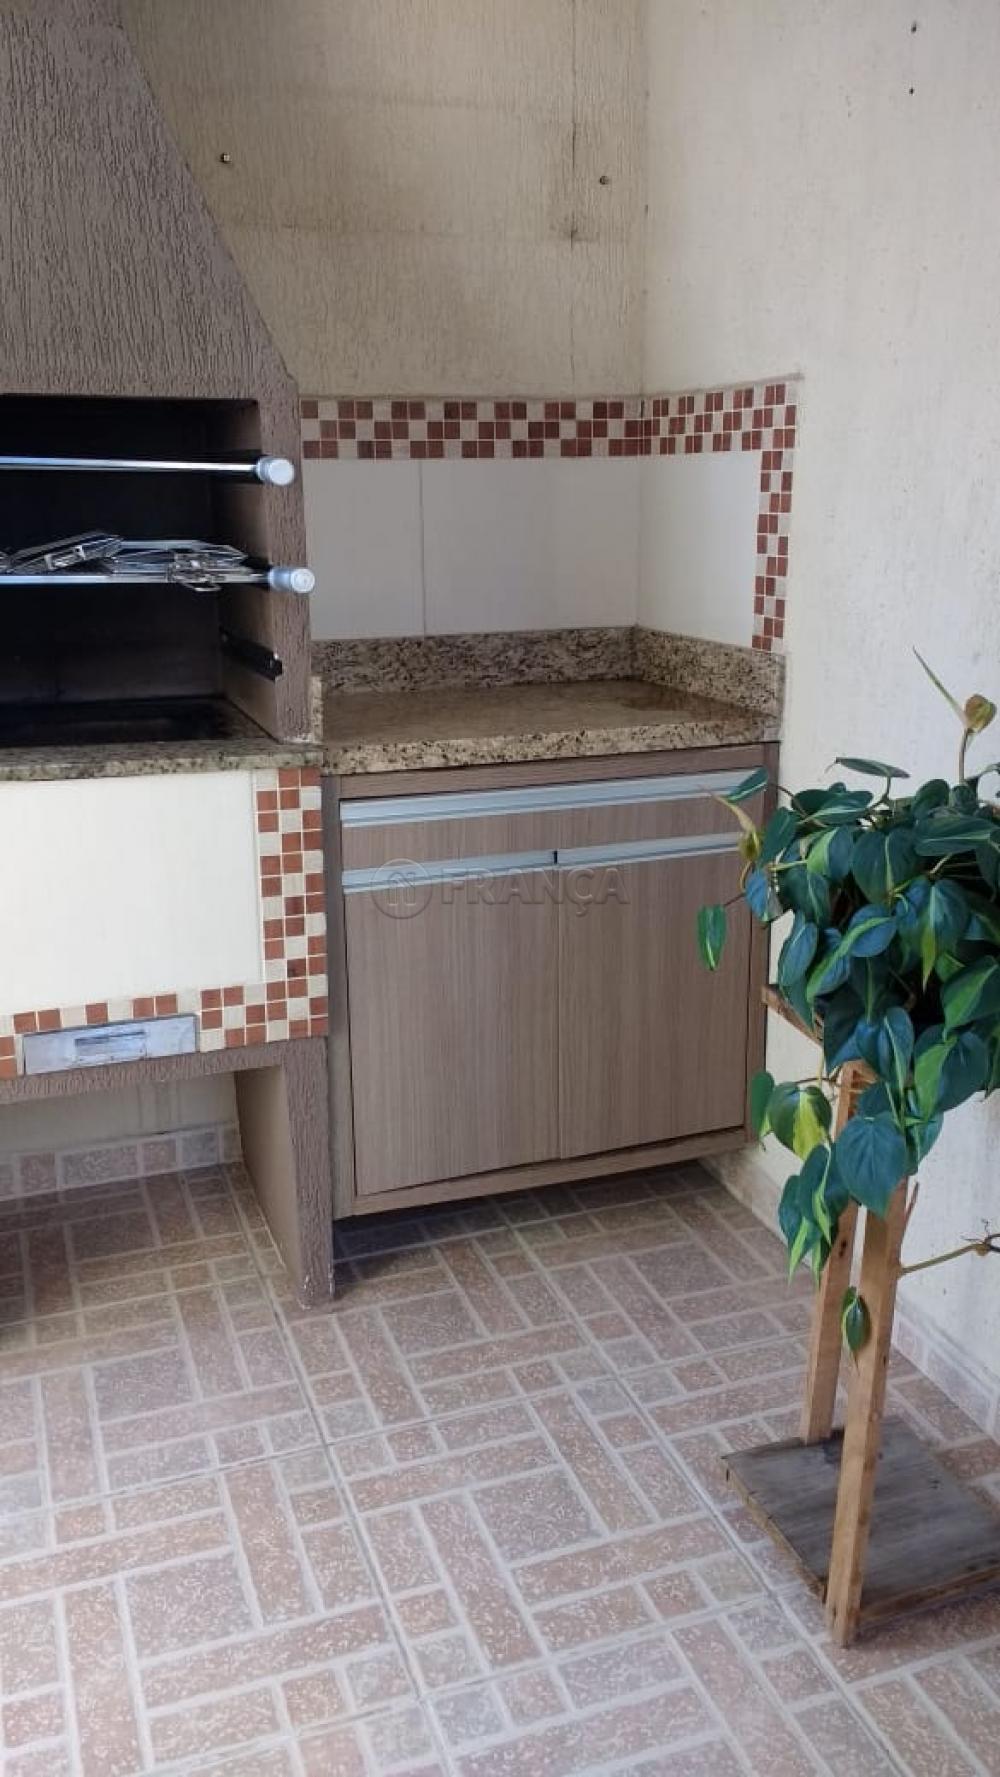 Comprar Casa / Padrão em Jacareí apenas R$ 307.000,00 - Foto 21